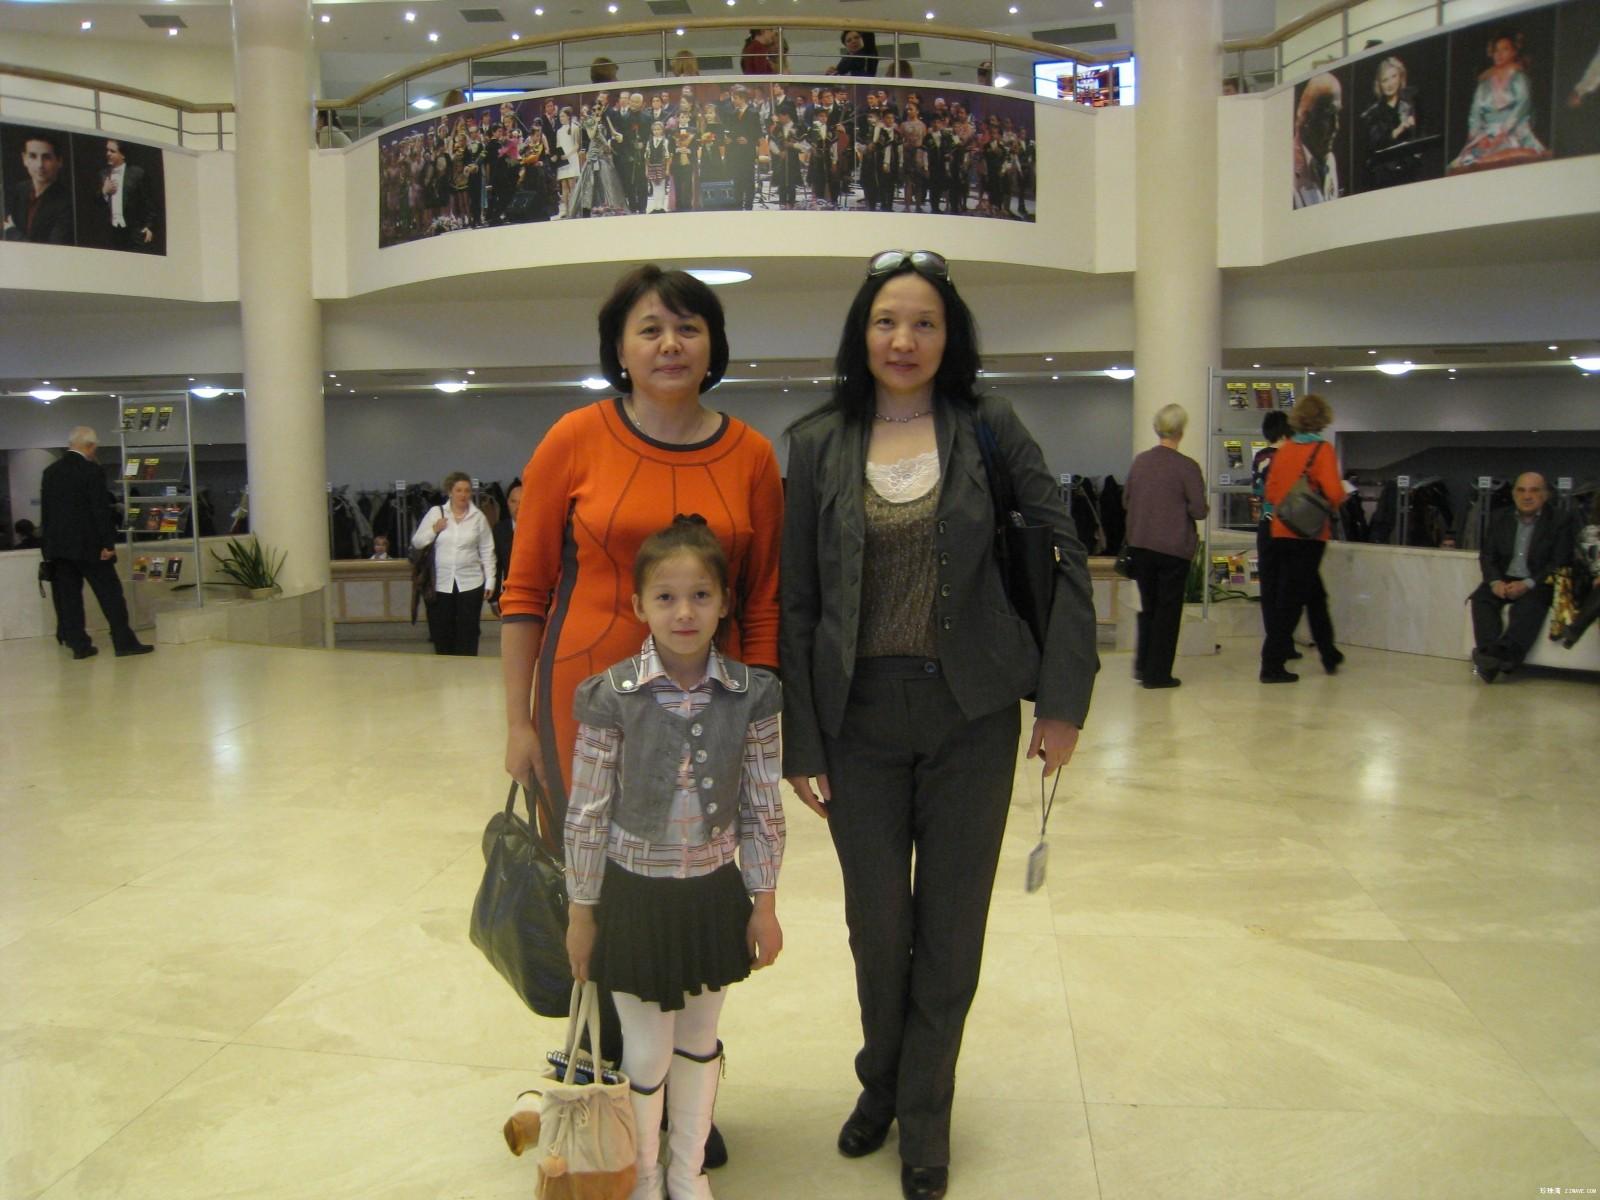 云迪在莫斯科 - lliiang1017 - 燕山红场的博客